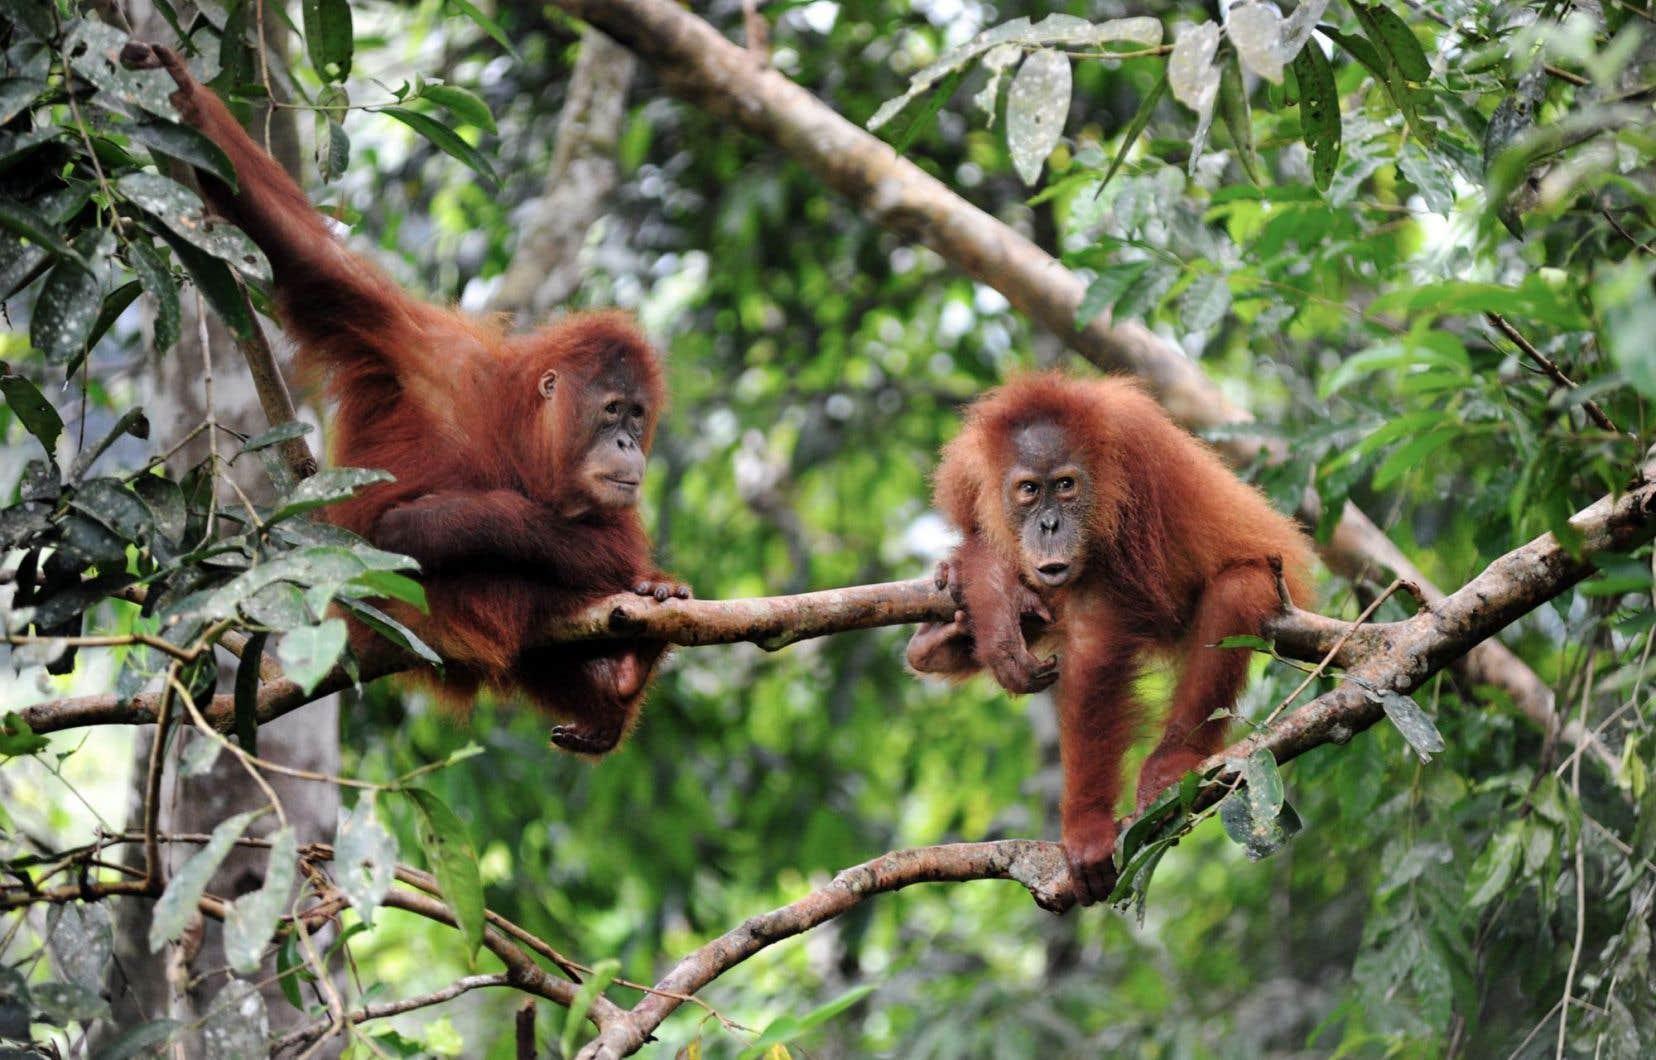 Le professeur Frans de Waal souligne l'importance de garder toujours l'esprit ouvert en ce qui concerne la découverte de capacités des espèces non humaines. D'autant que ces espèces sont en danger d'extinction.